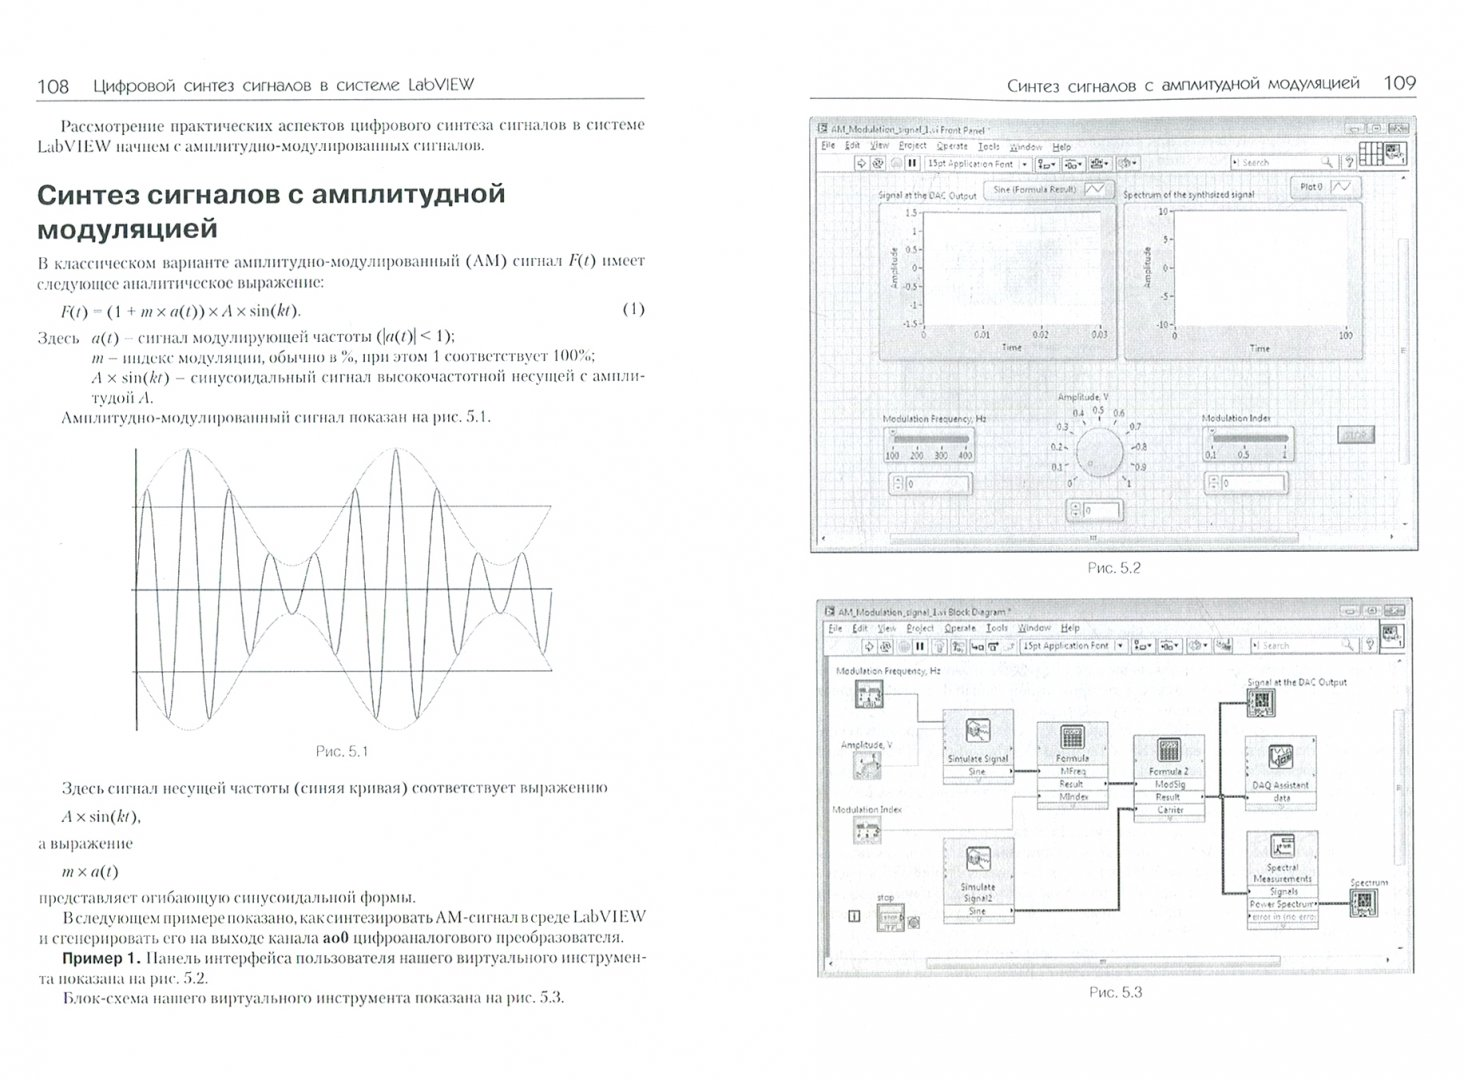 Иллюстрация 1 из 6 для LabVIEW. Практический курс для инженеров и разработчиков - Юрий Магда   Лабиринт - книги. Источник: Лабиринт